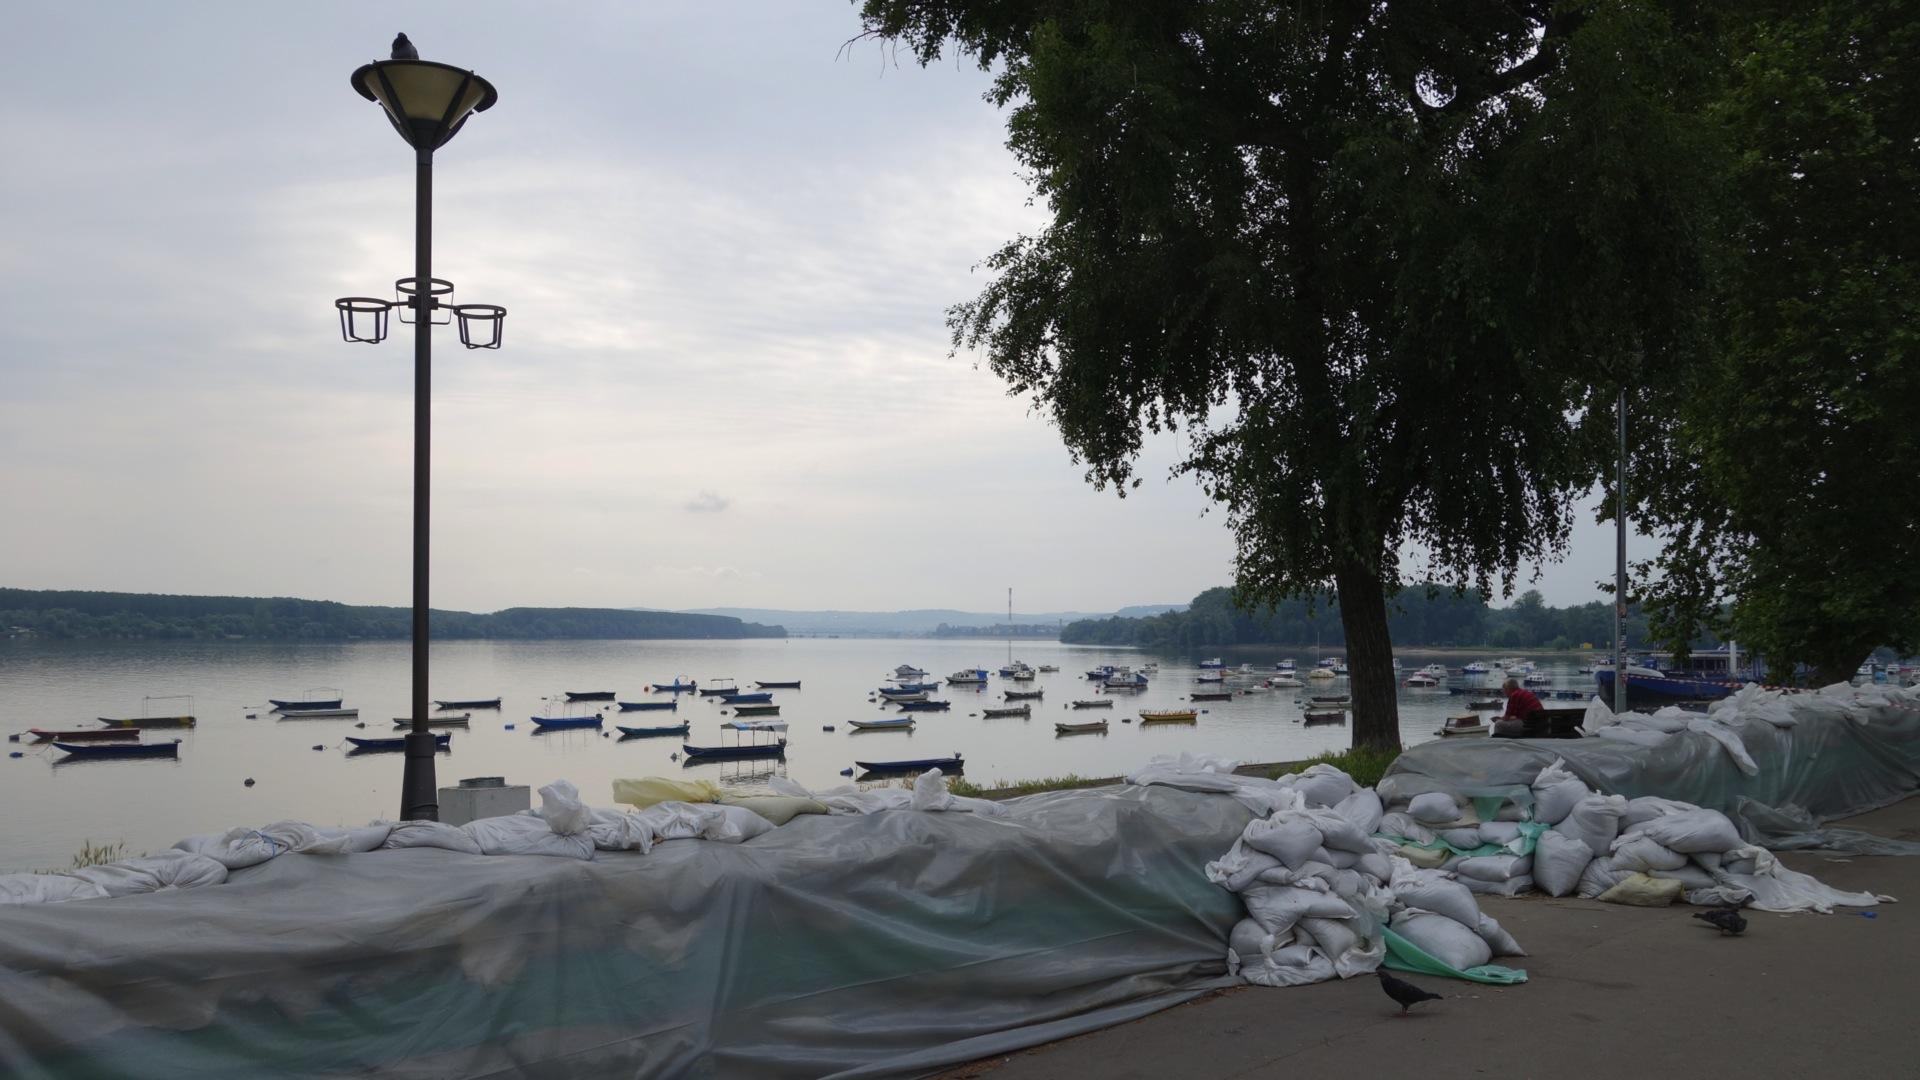 2014.06.16-08.51.52_-_Serbie_-_DSC01130